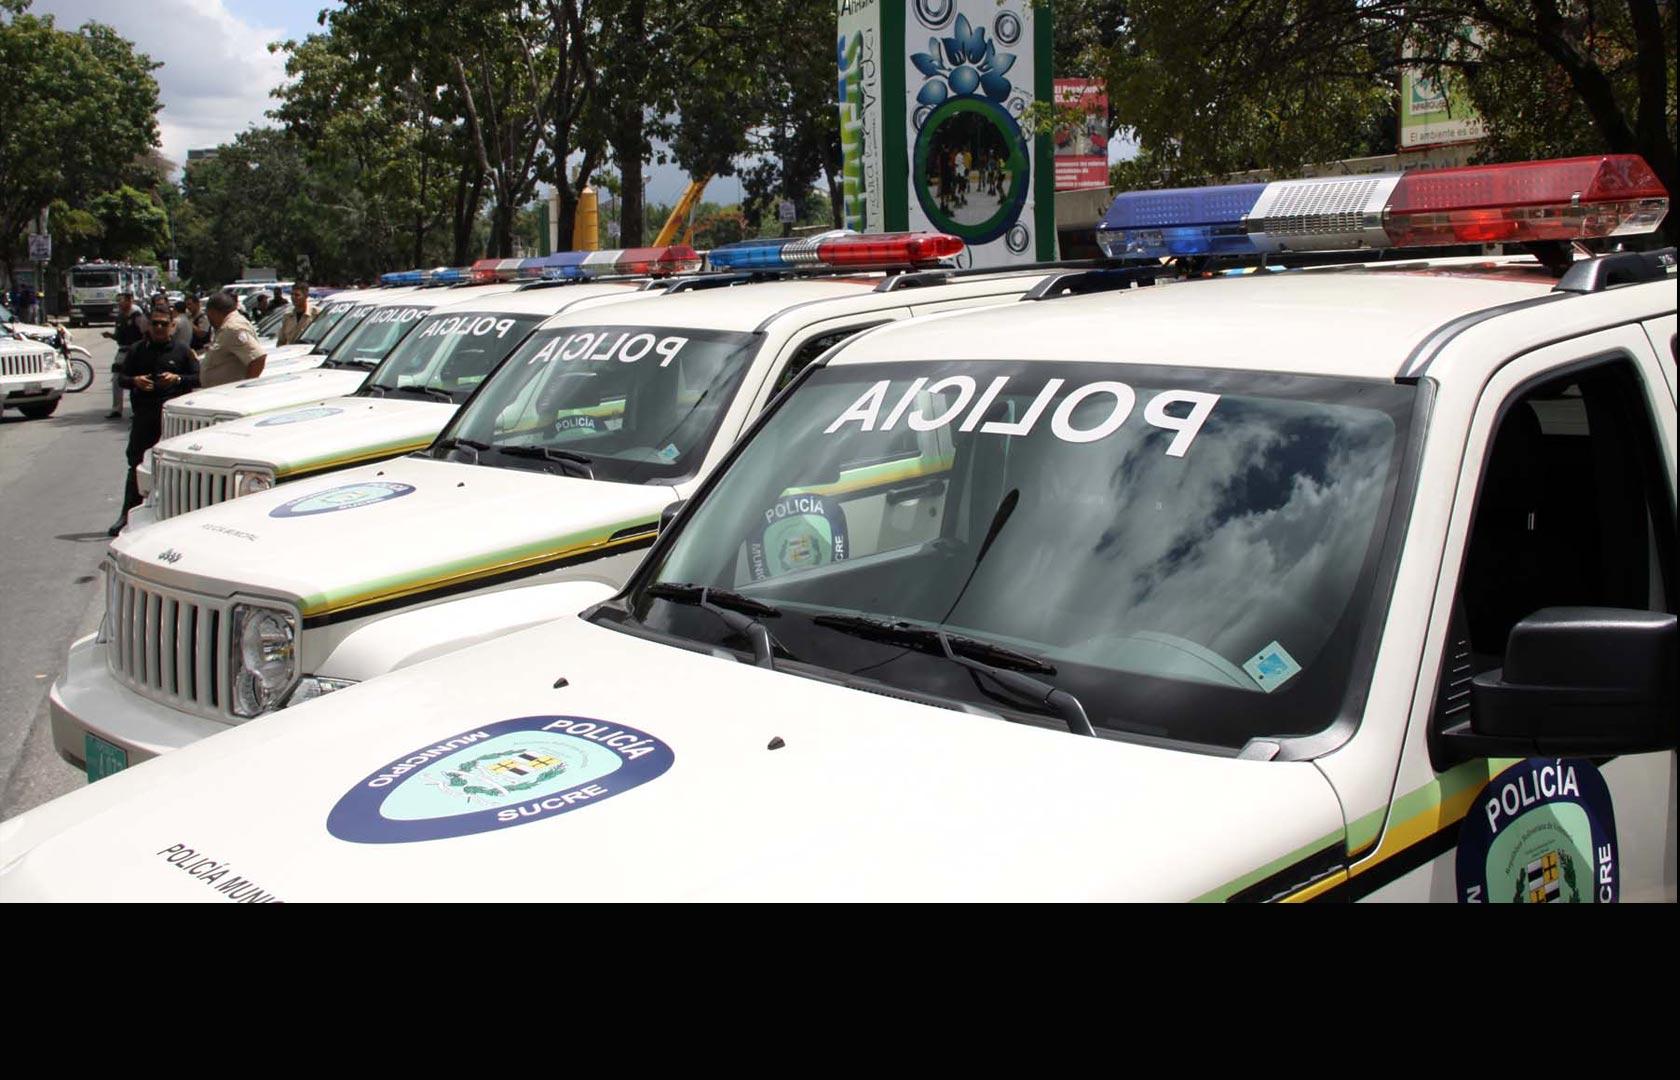 Funcionarios de la Brigada motorizada de Polisucre desarticularon una organización dedicada al secuestro y la extorsión